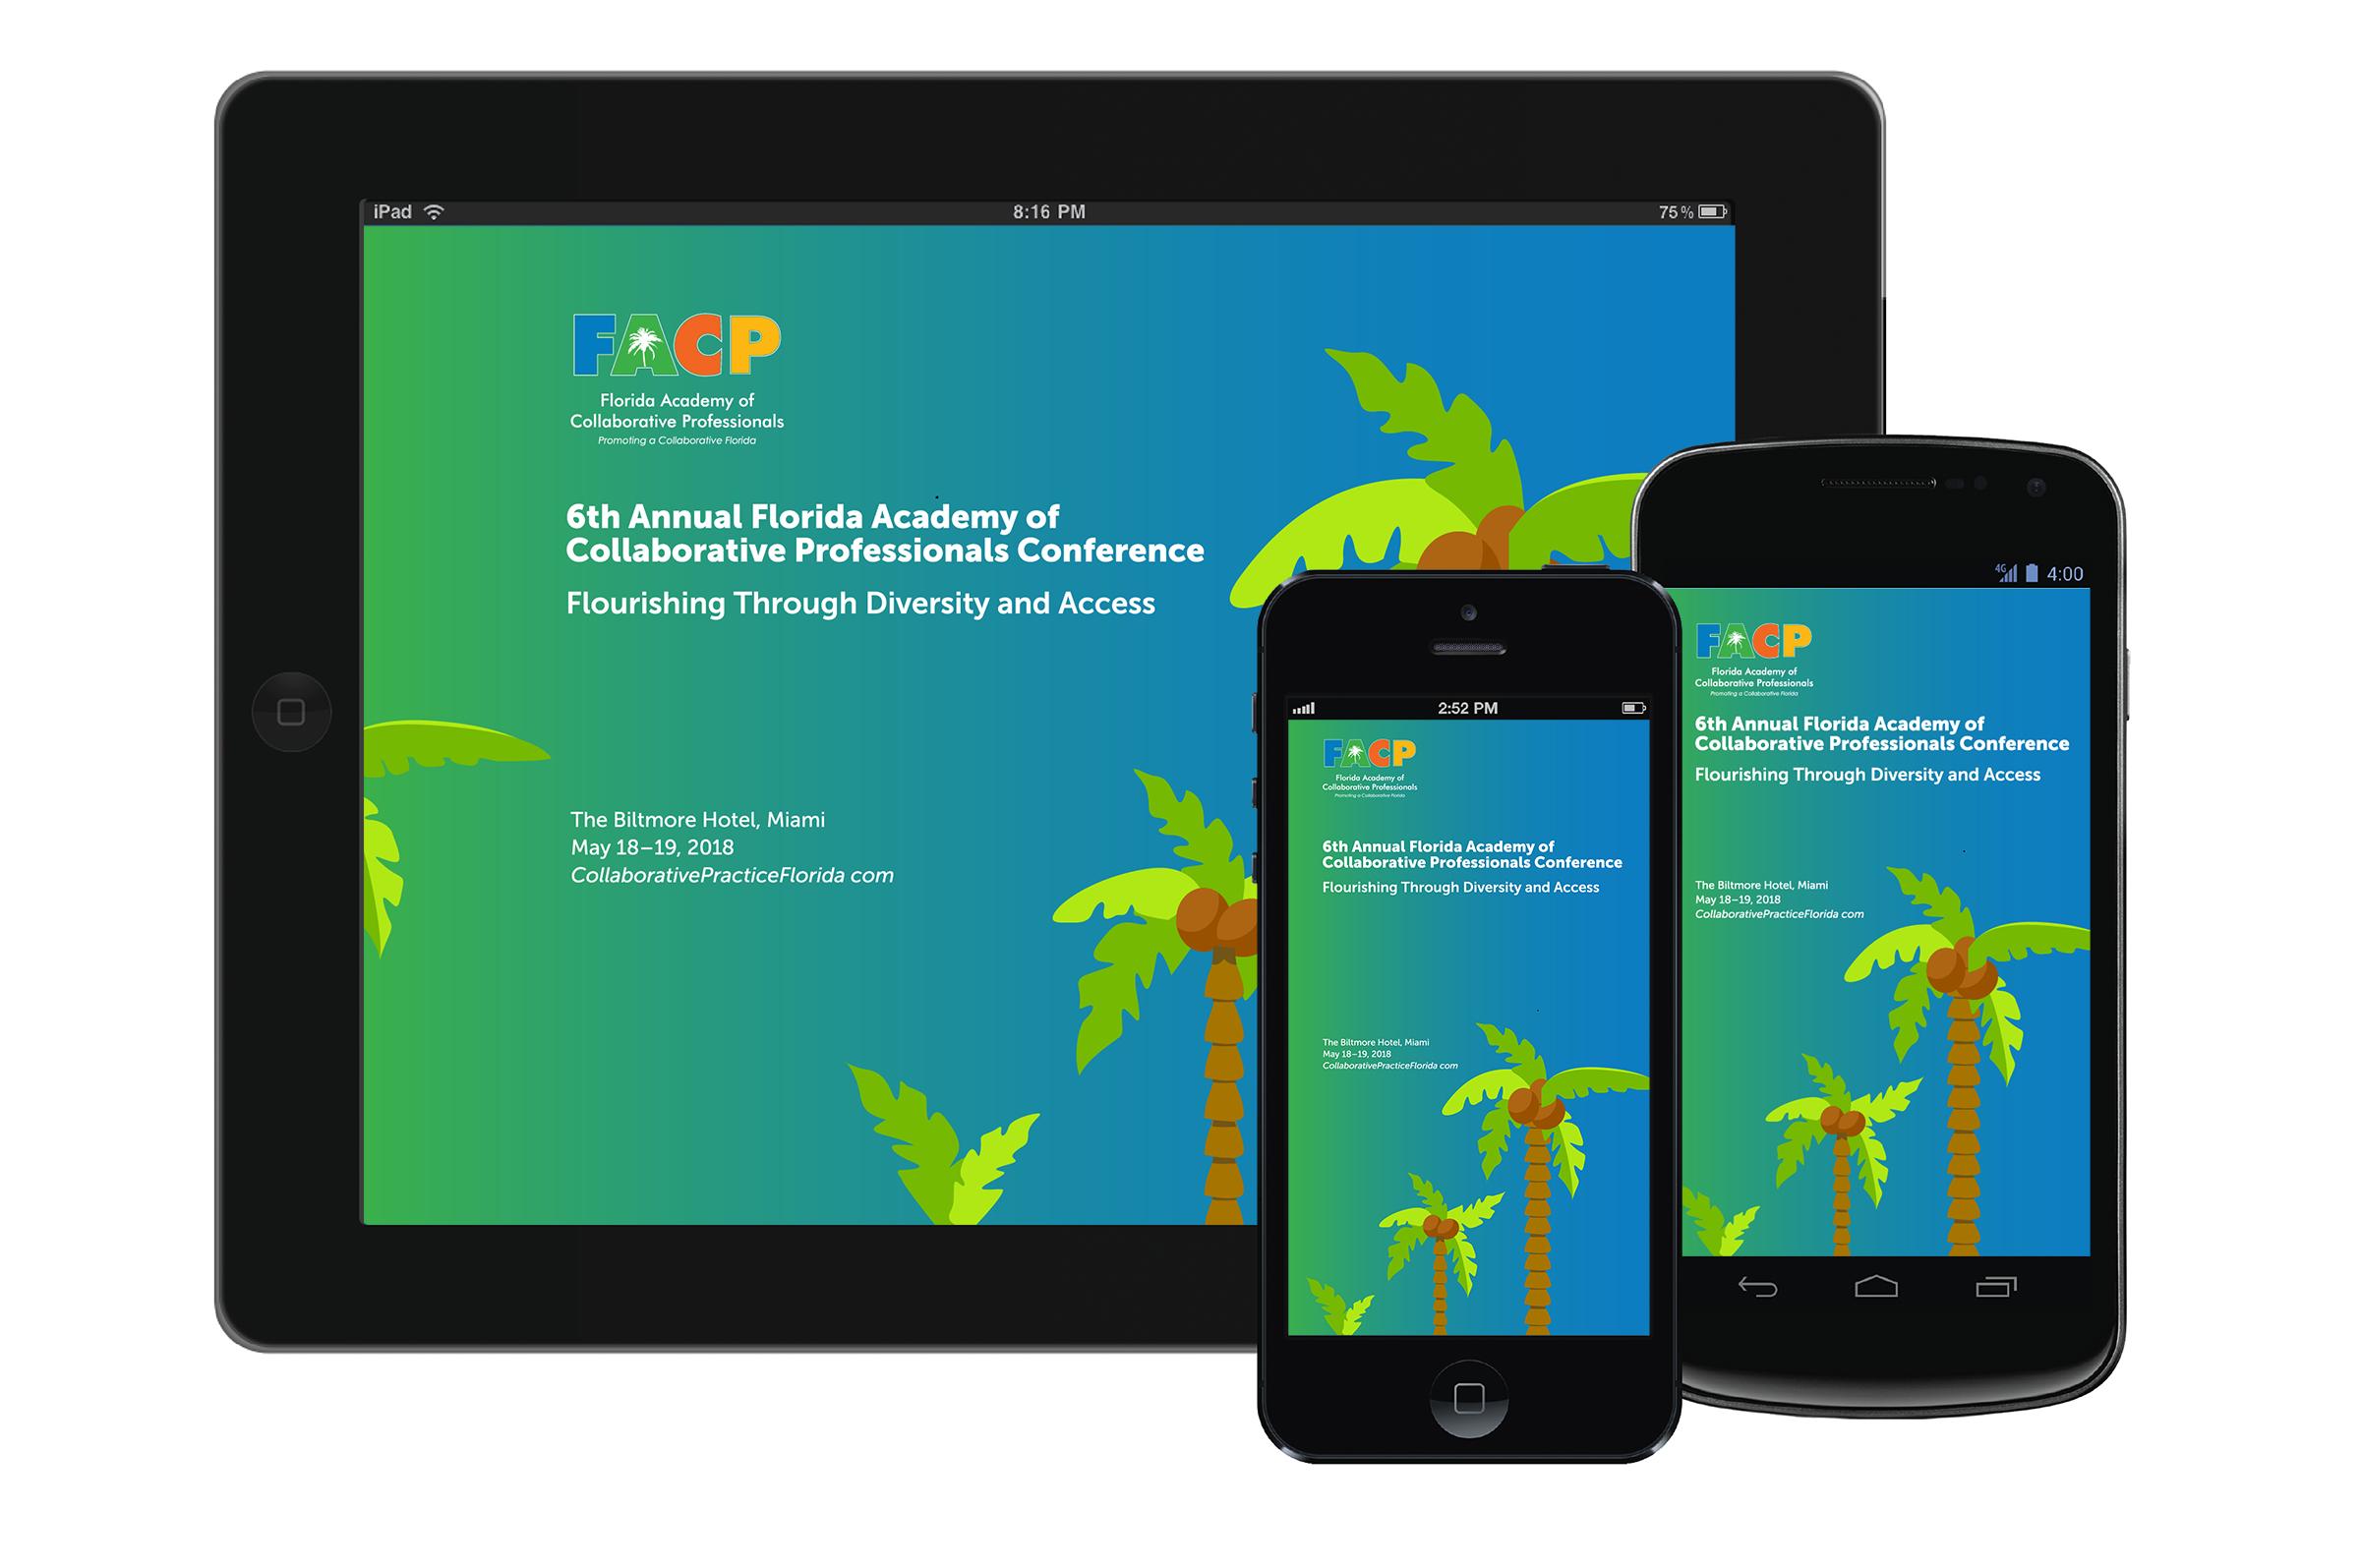 FACP_MobileDevices